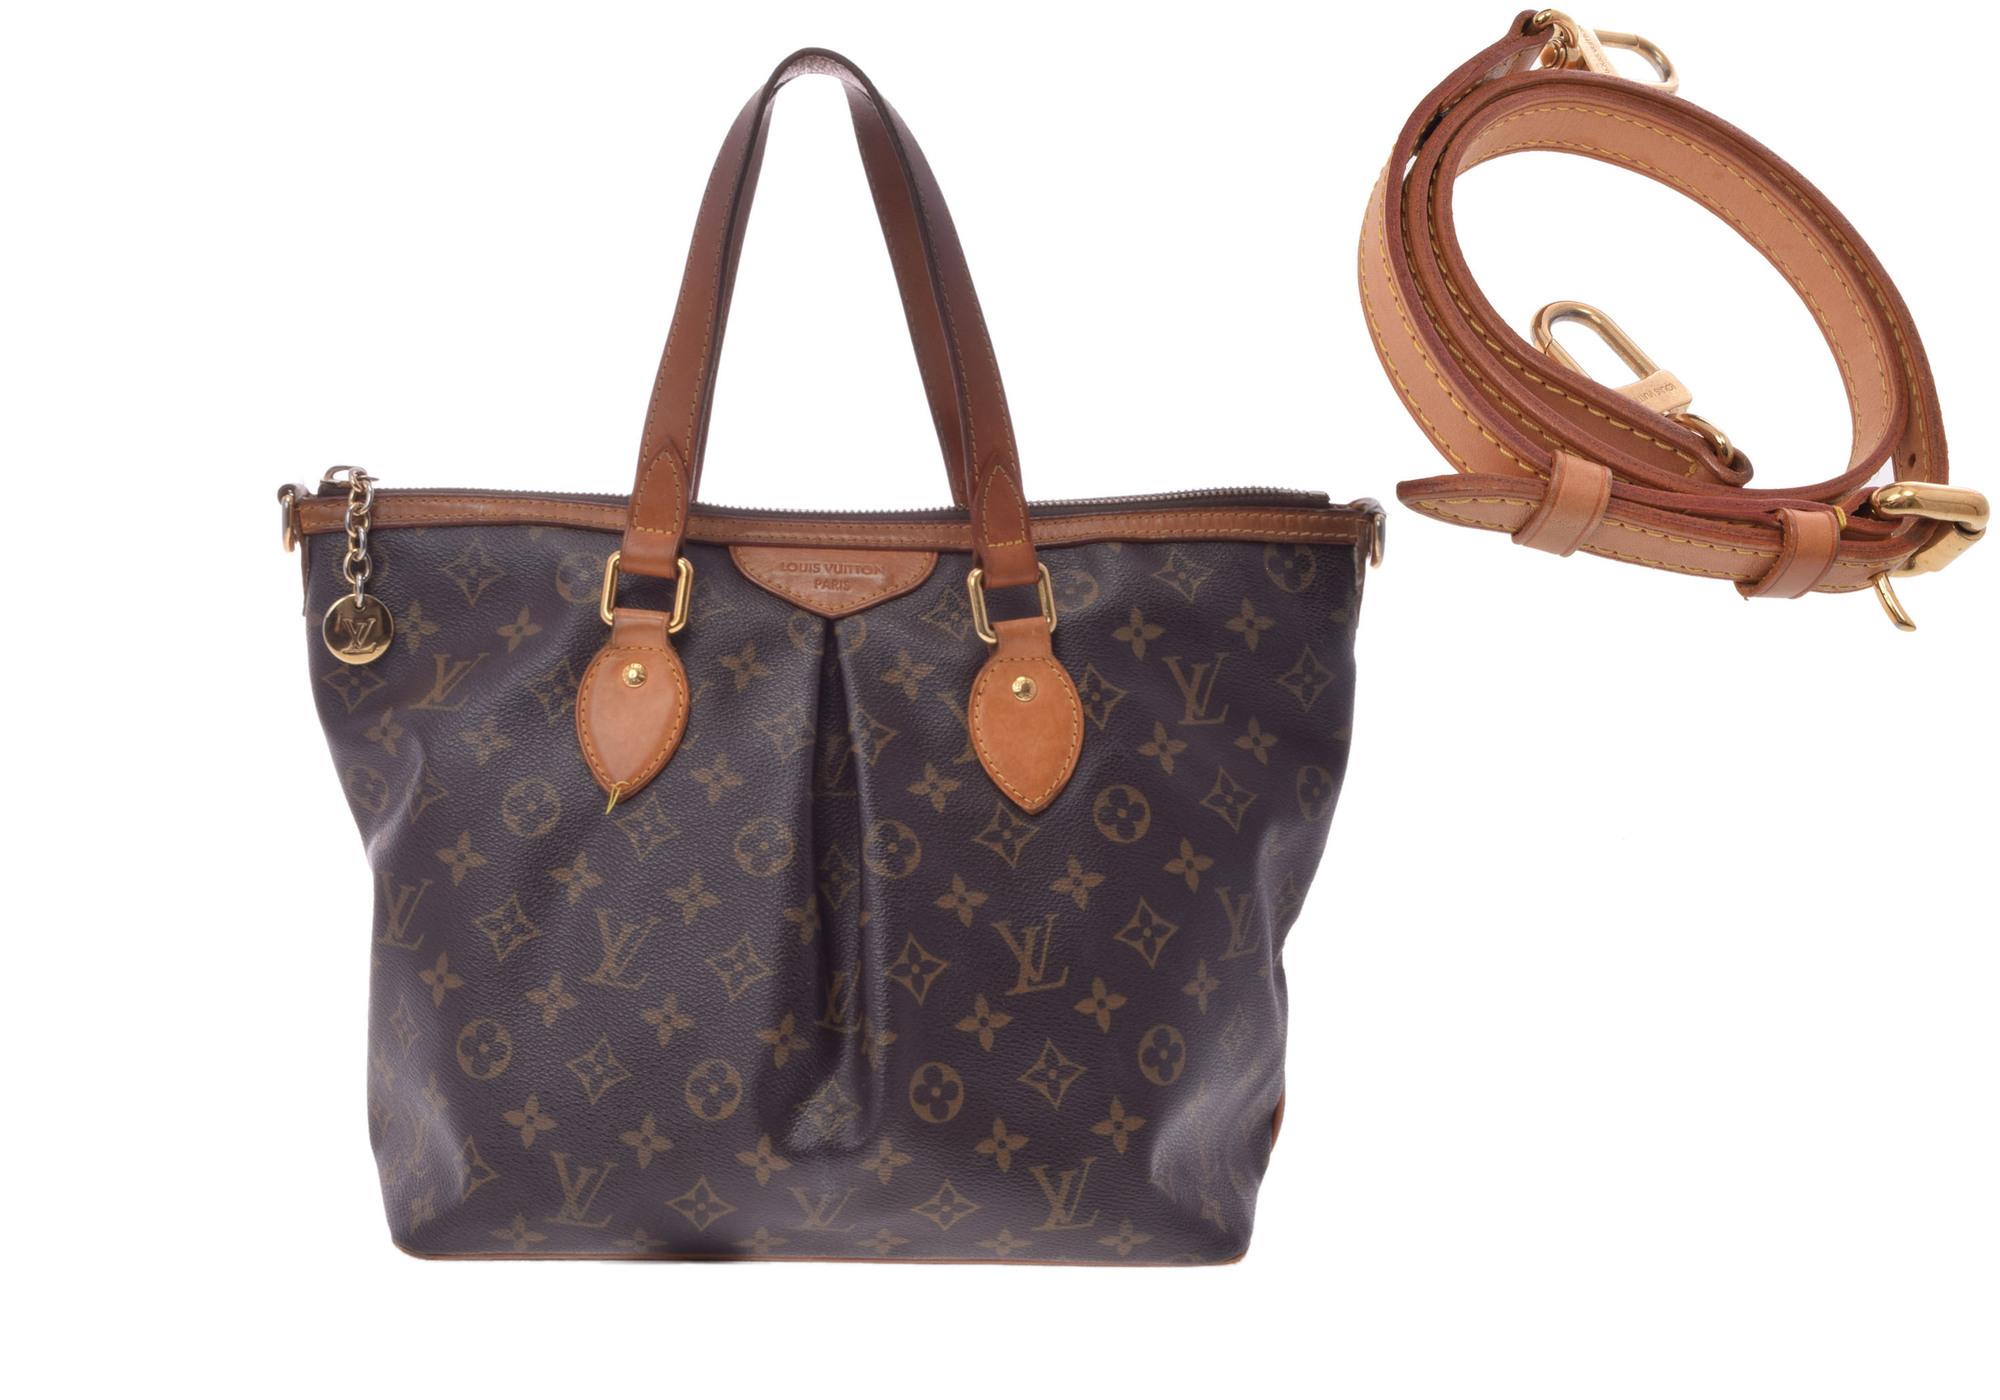 a5d6347dc Authentic Louis Vuitton Monogram Palermo PM M40145 Shoulder Bag  800000067043000